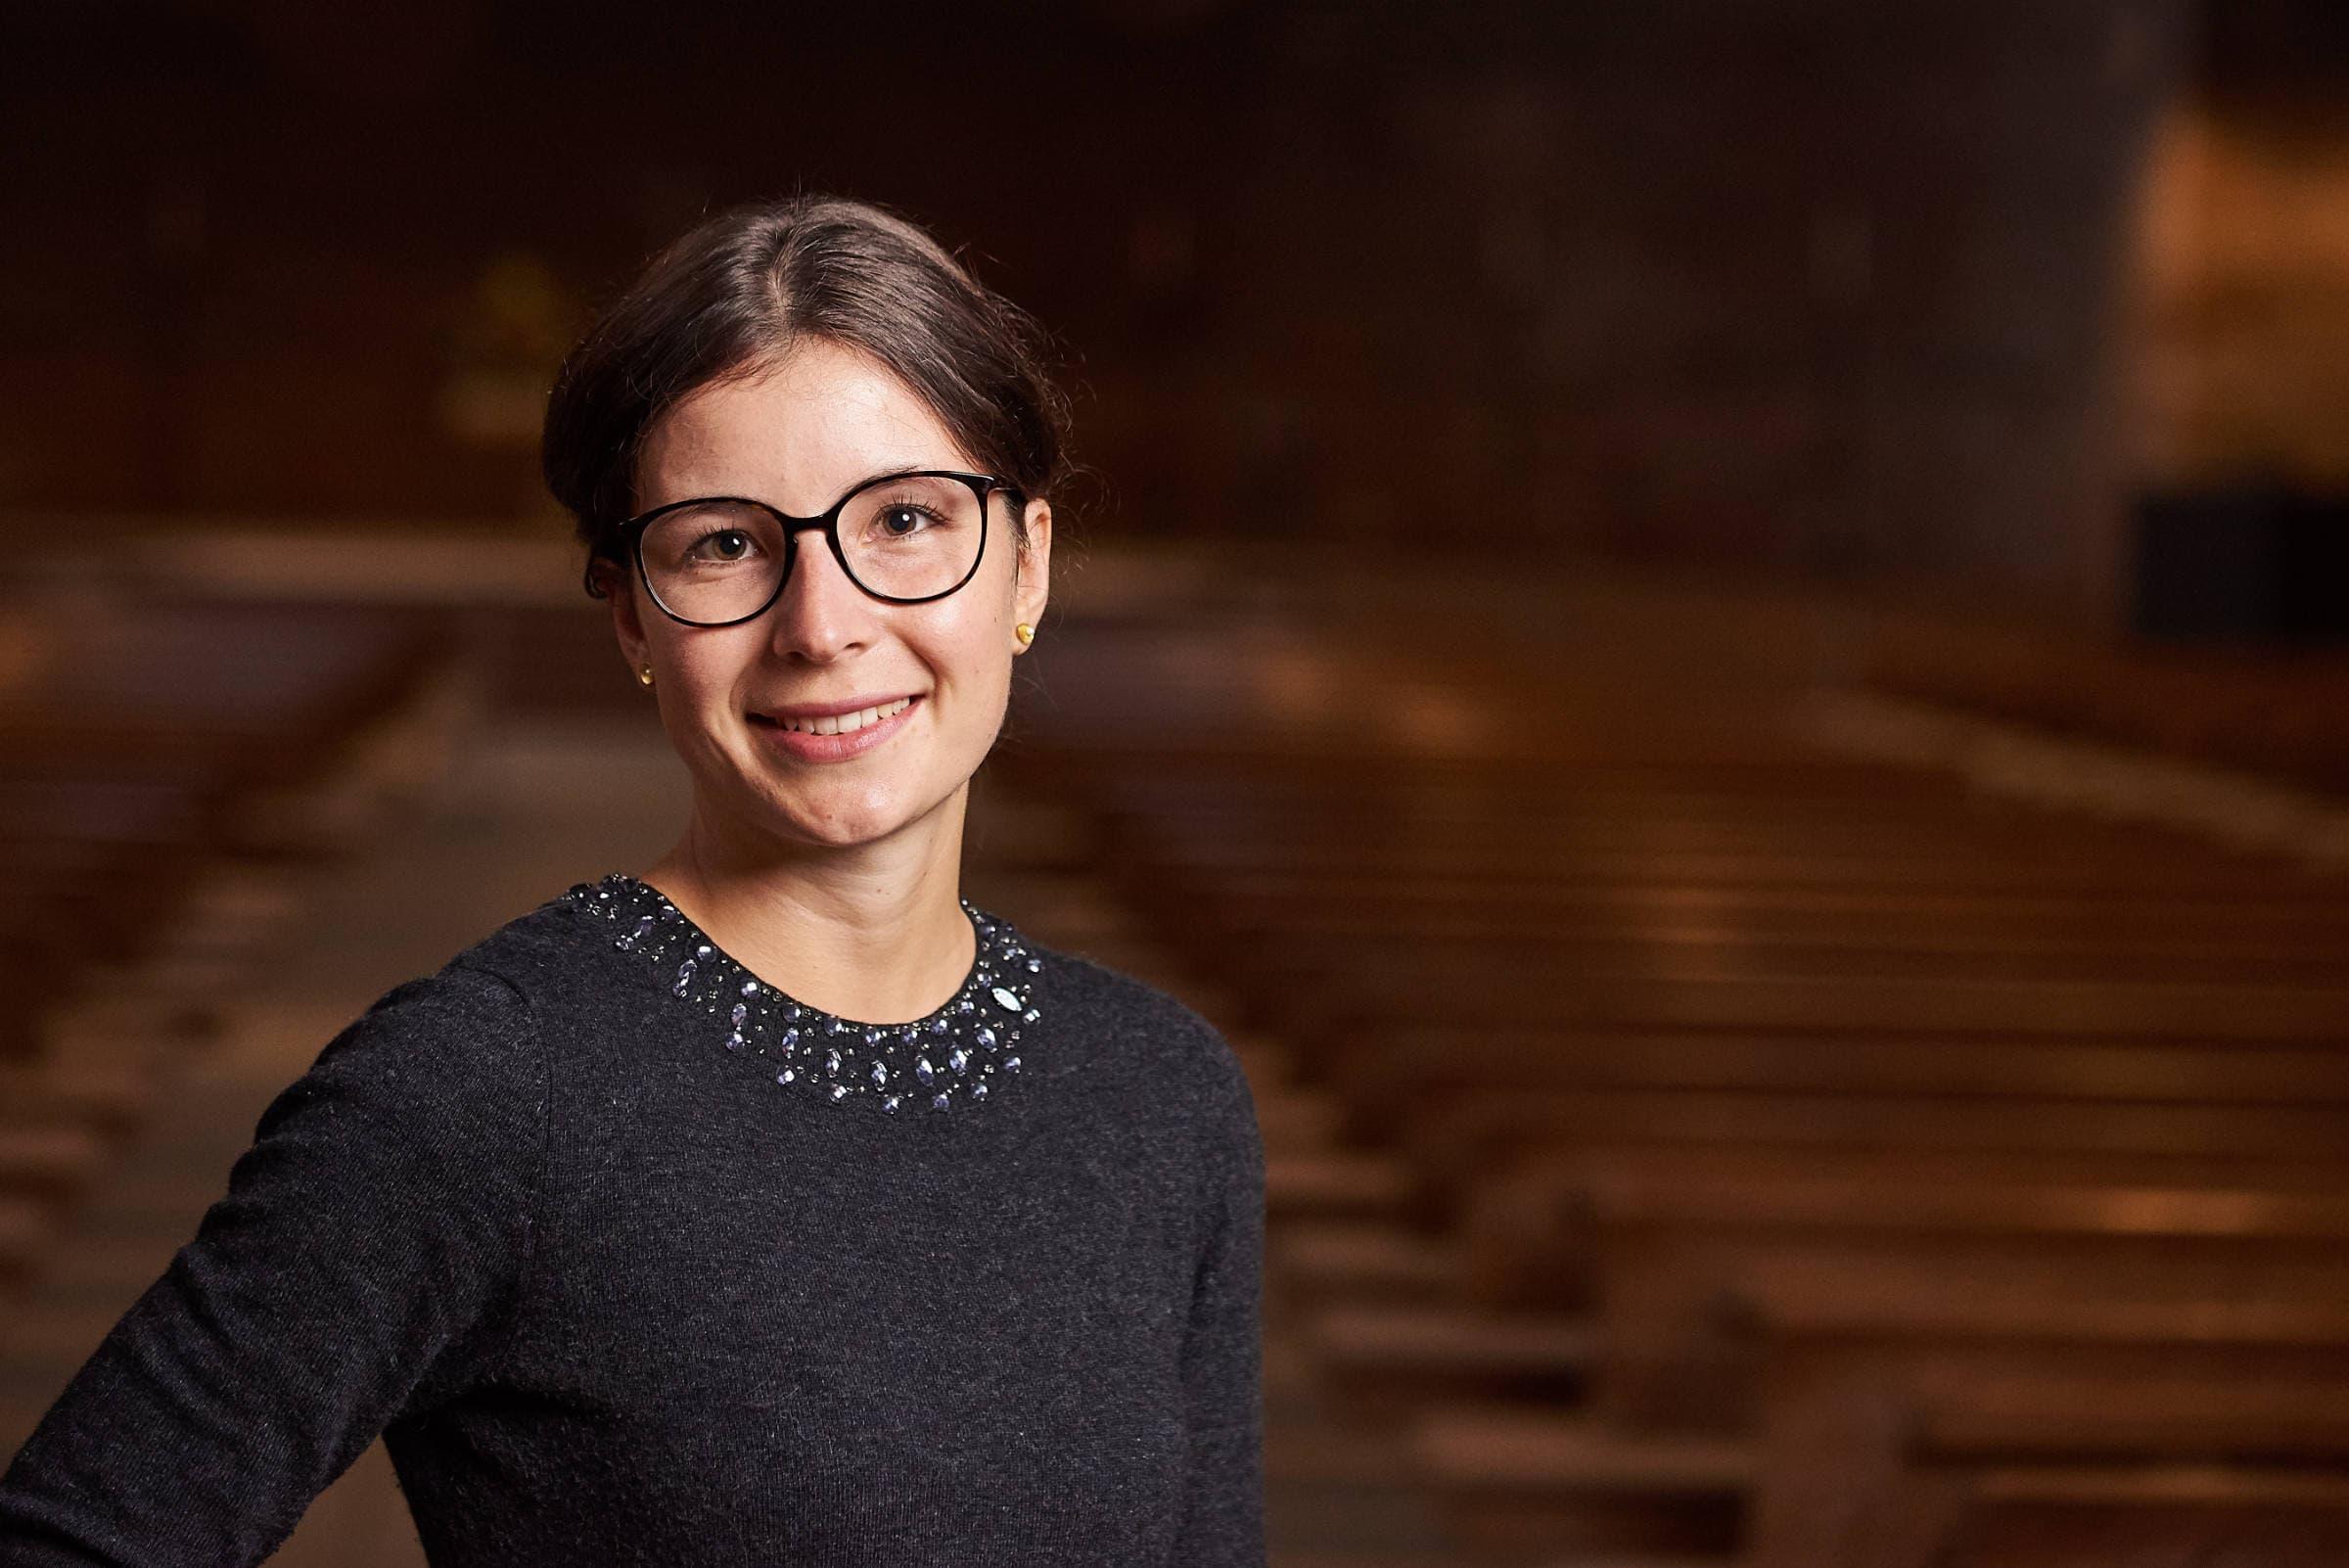 PR Fotografie für die evangelische Kirchengemeinde Trier, Pfarrerin Vera Zens